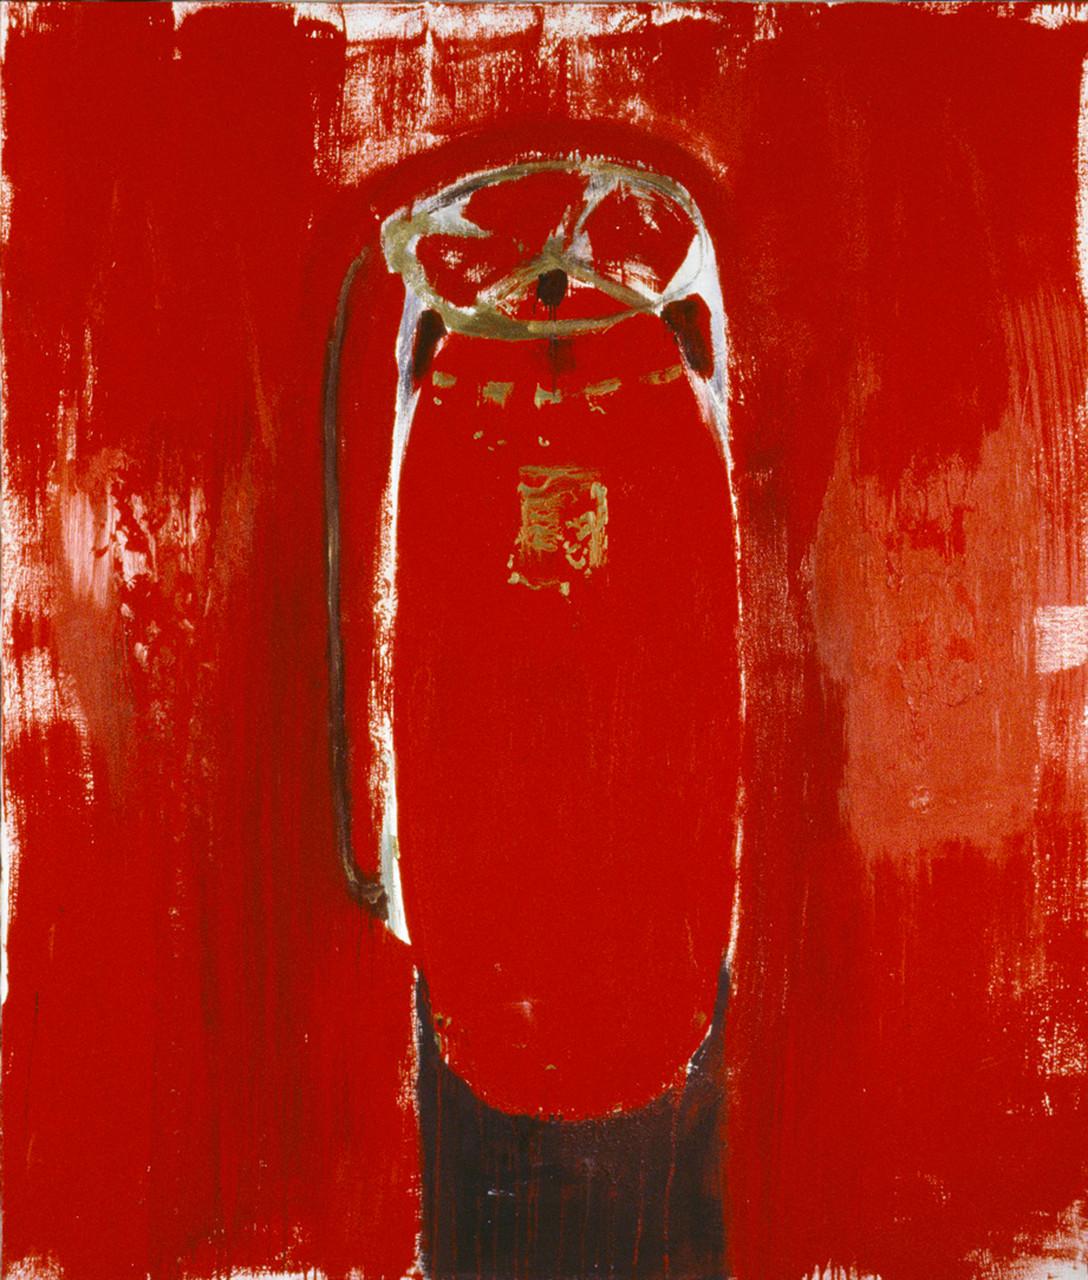 Feuerlöscher 200 x 170 cm Mischtechnik auf Leinwand 1977